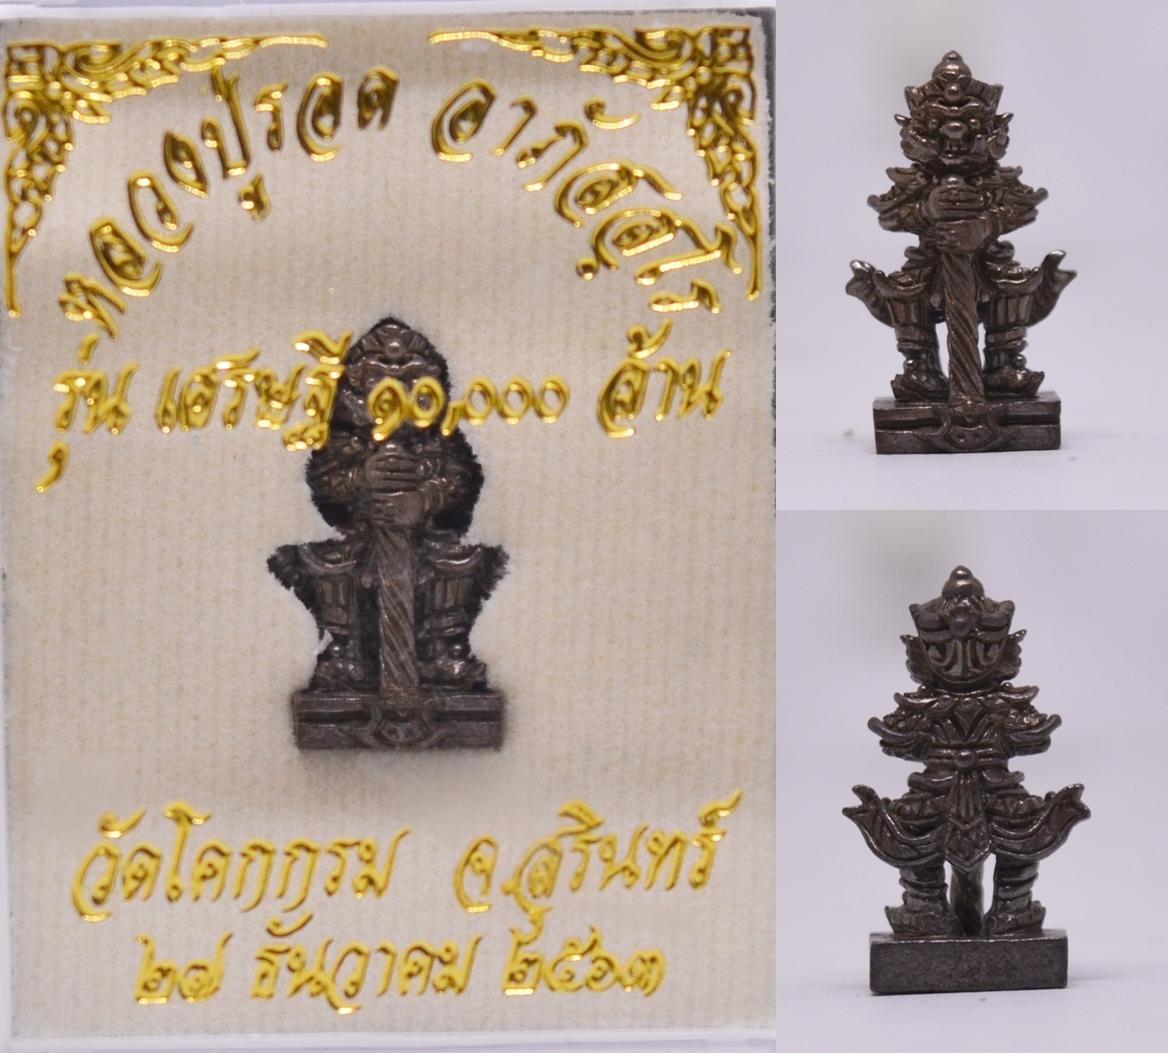 ท้าวเวสสุวรรณ เนื้อทองแดงรมดำ พิมพ์เล็ก รุ่นเศรษฐี ๑๐๐๐๐ ล้าน สูง 2.0 ซม หลวงปู่รอด วัดโคกกรม 2564